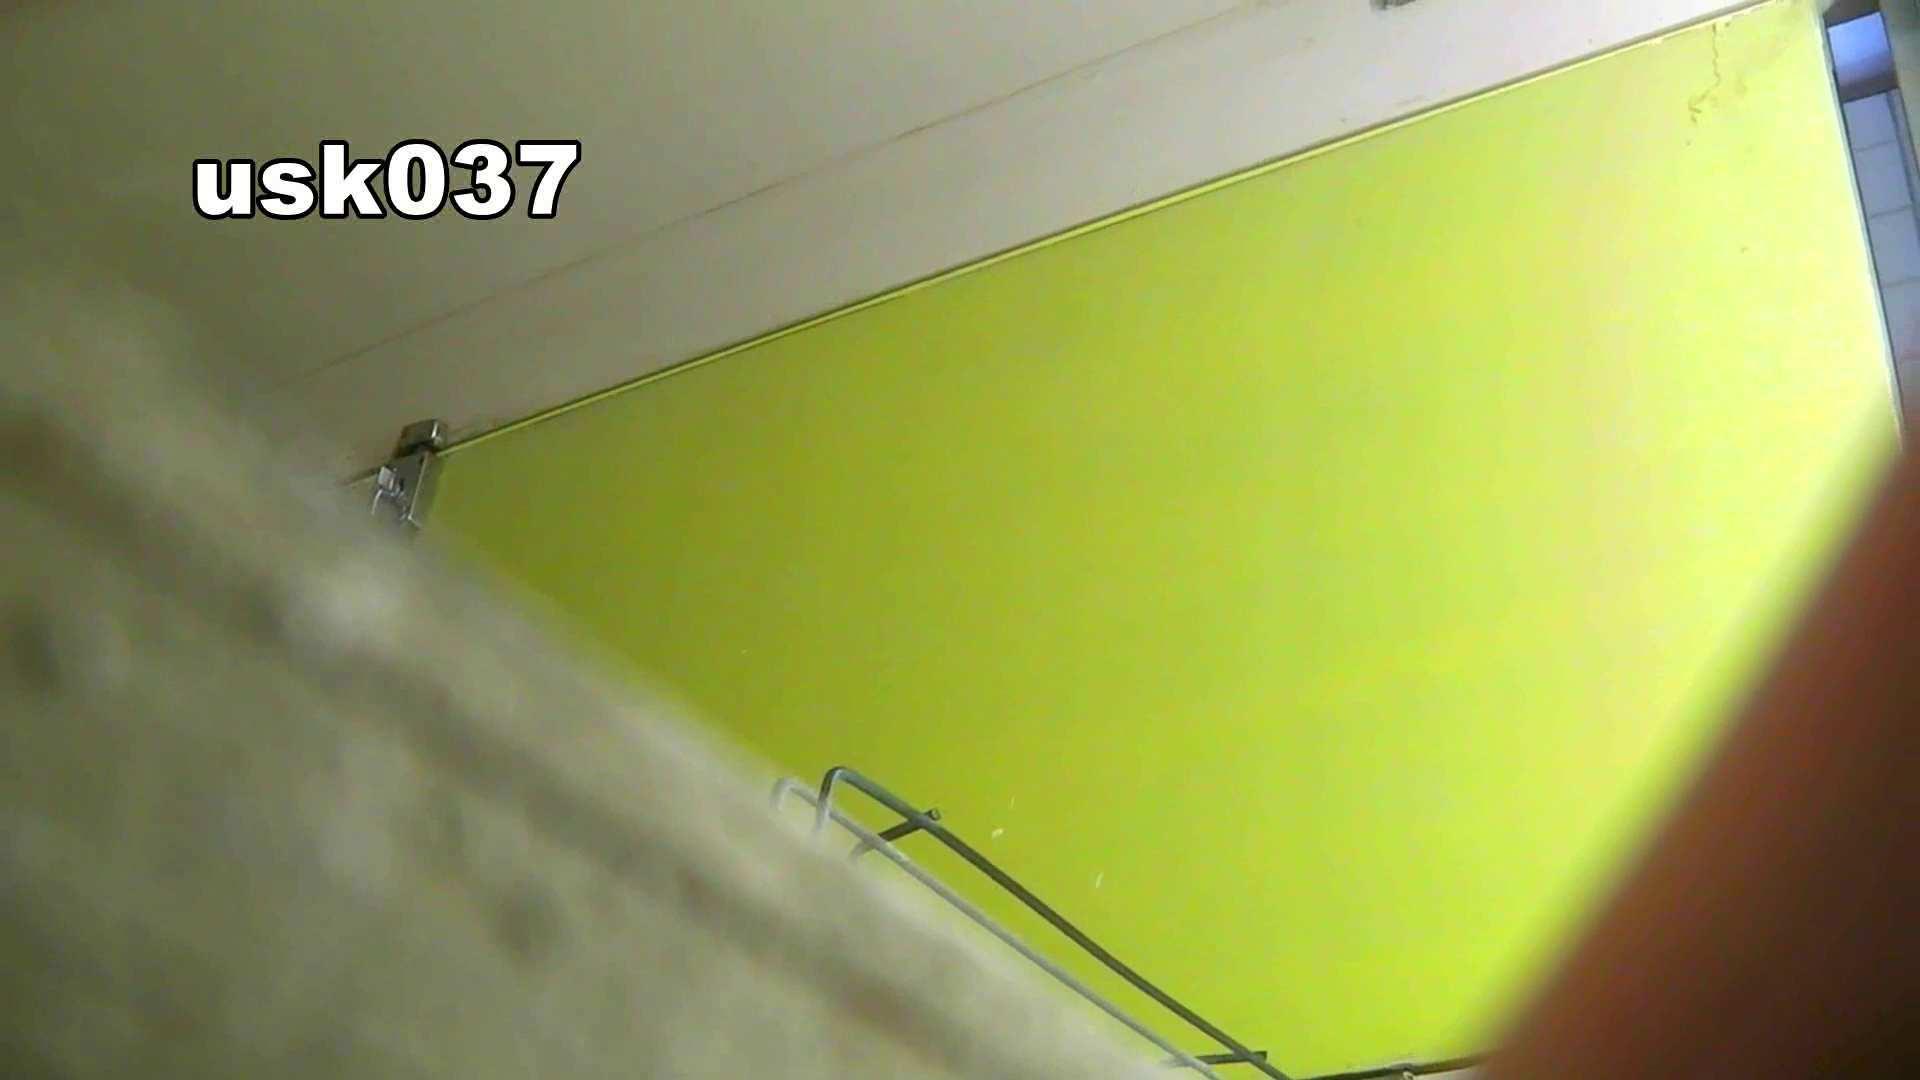 【美しき個室な世界】 vol.037 ひねり出す様子(フトイです) 洗面所  97連発 90